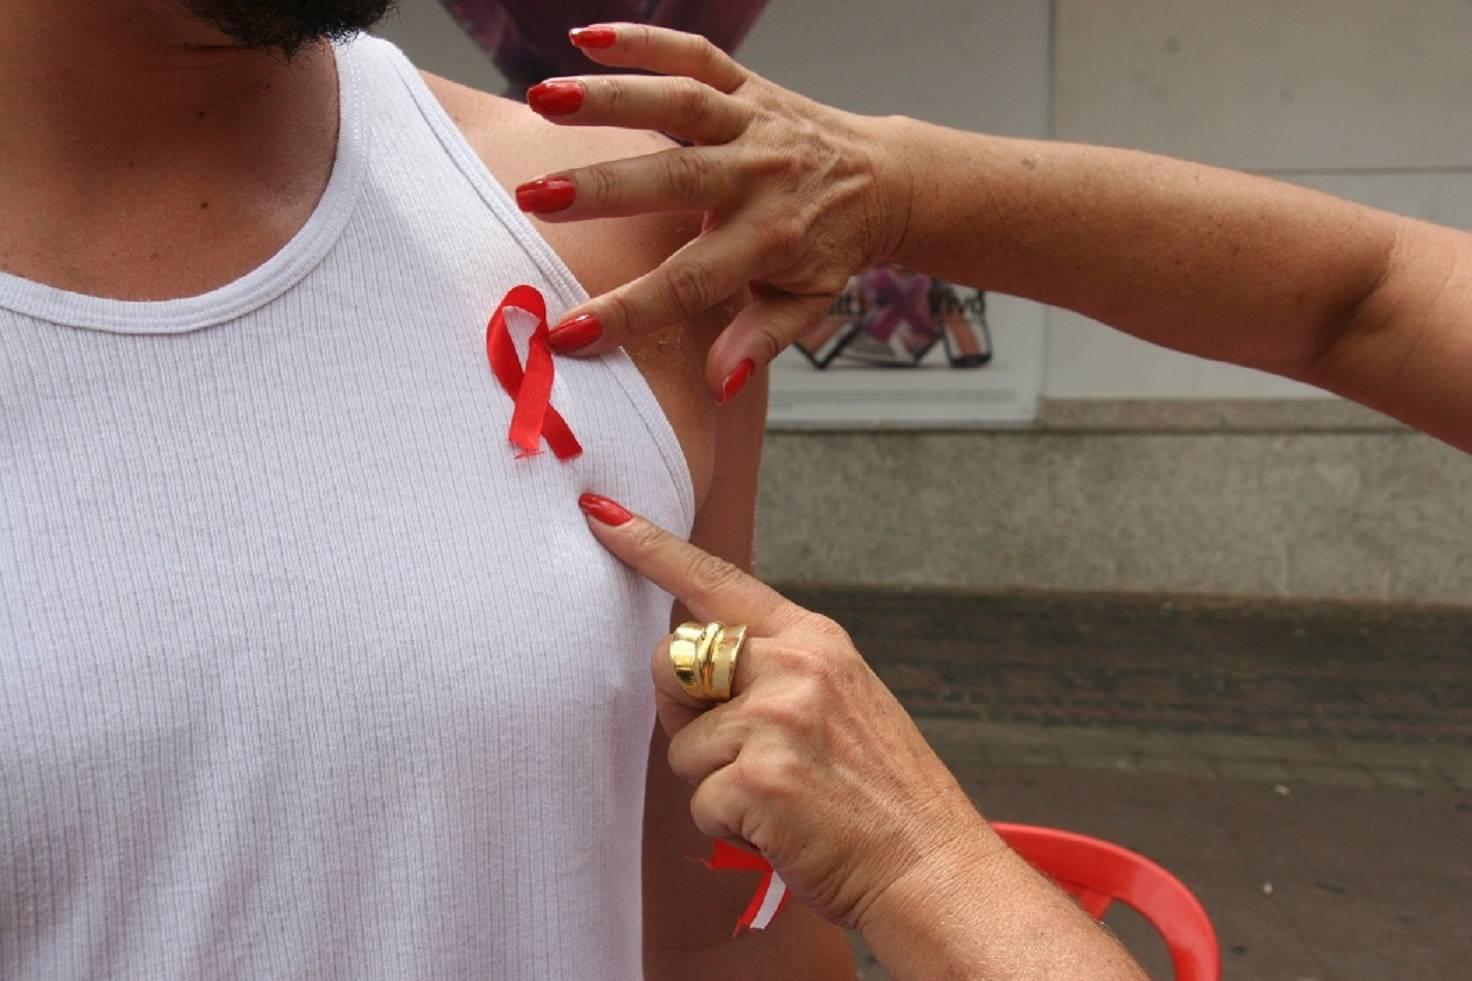 Portador de HIV tem isenção de impostos | Foto: Adair Gomes/ Imprensa MG